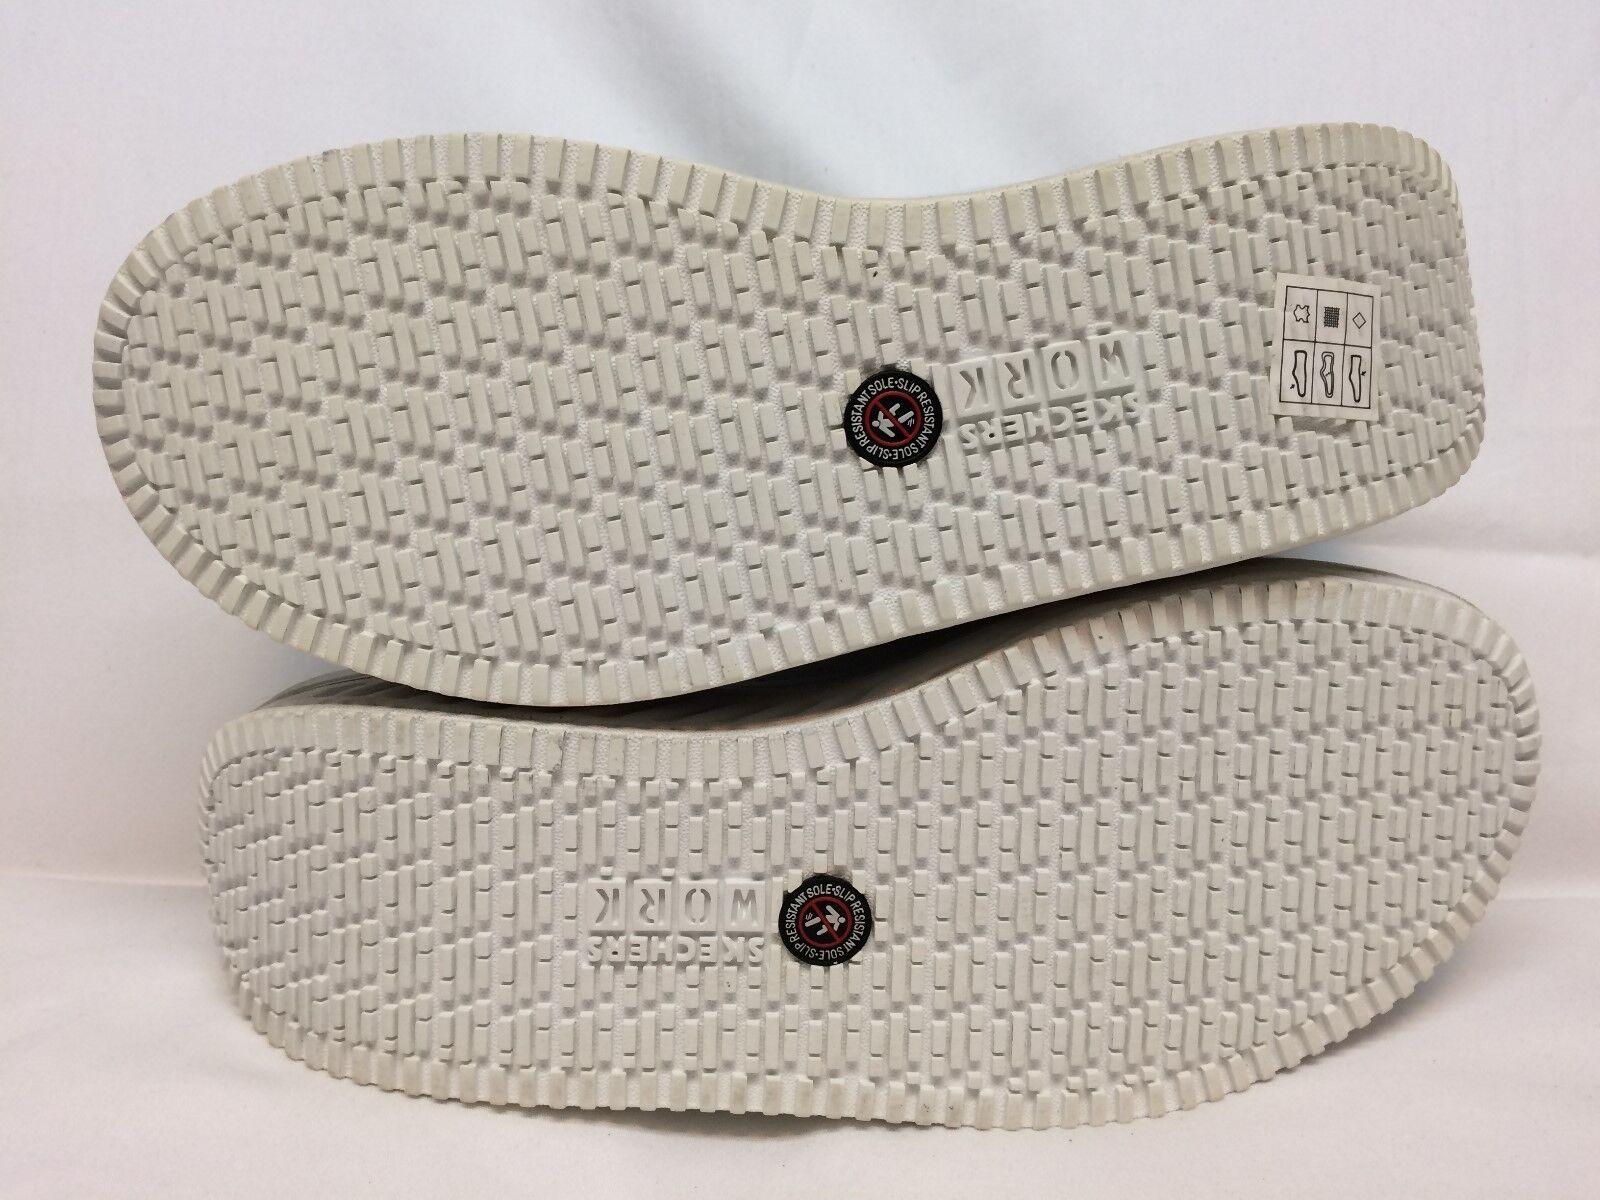 Skechers 76480 damen damen damen Shape Up Toning Turnschuhe Weiß Größe 9.5 Us ad6a0e